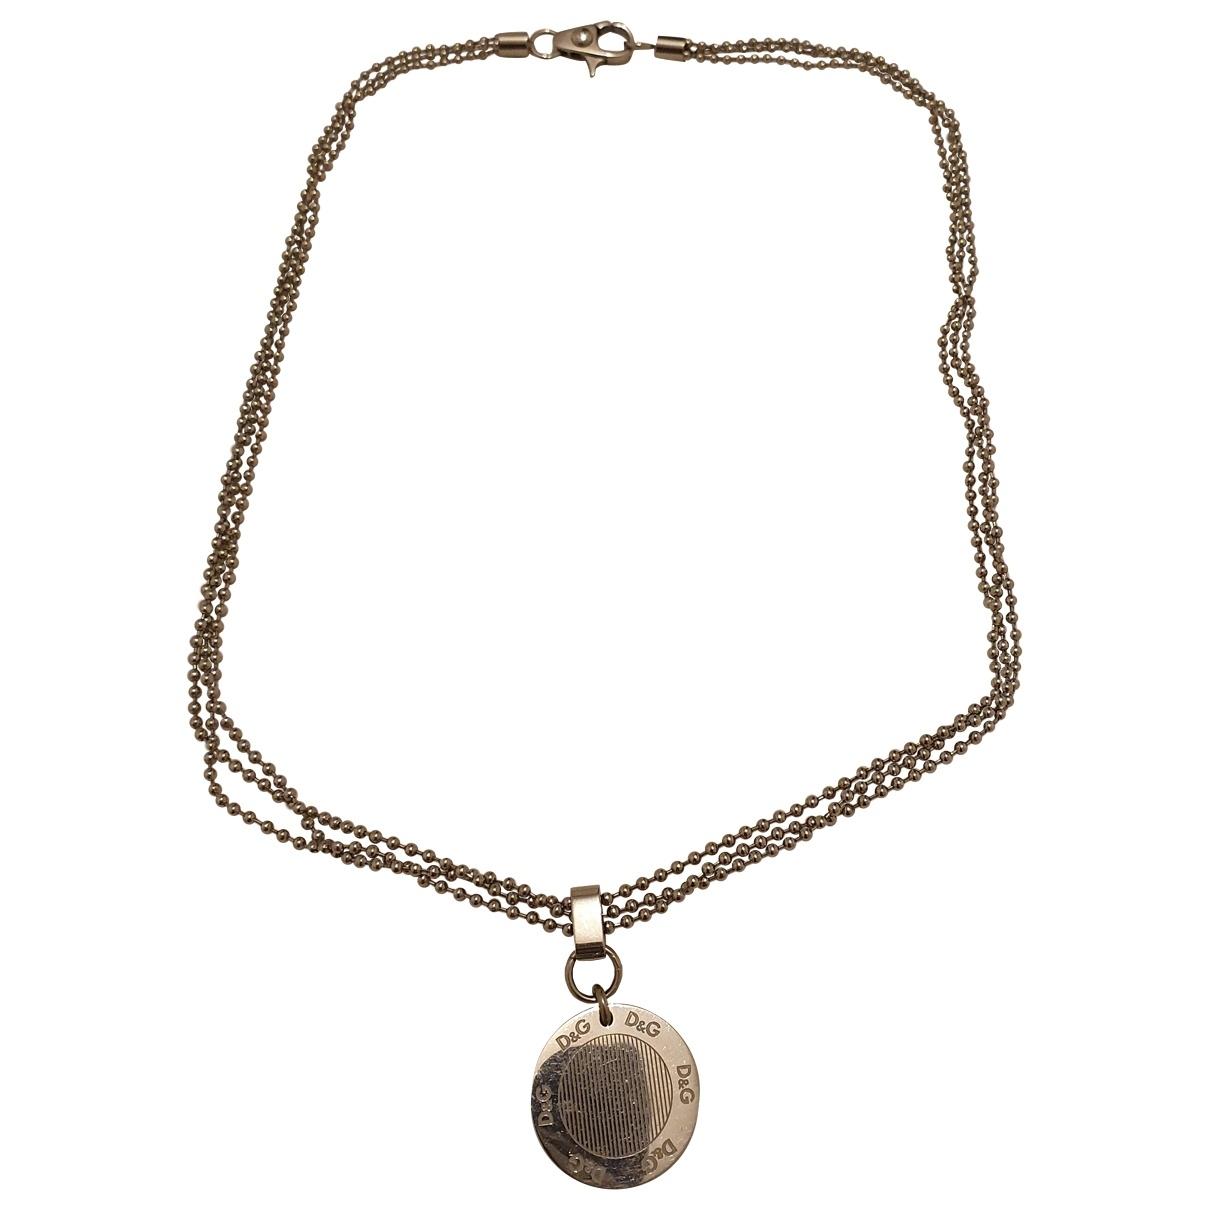 D&g - Collier   pour femme en metal - argente